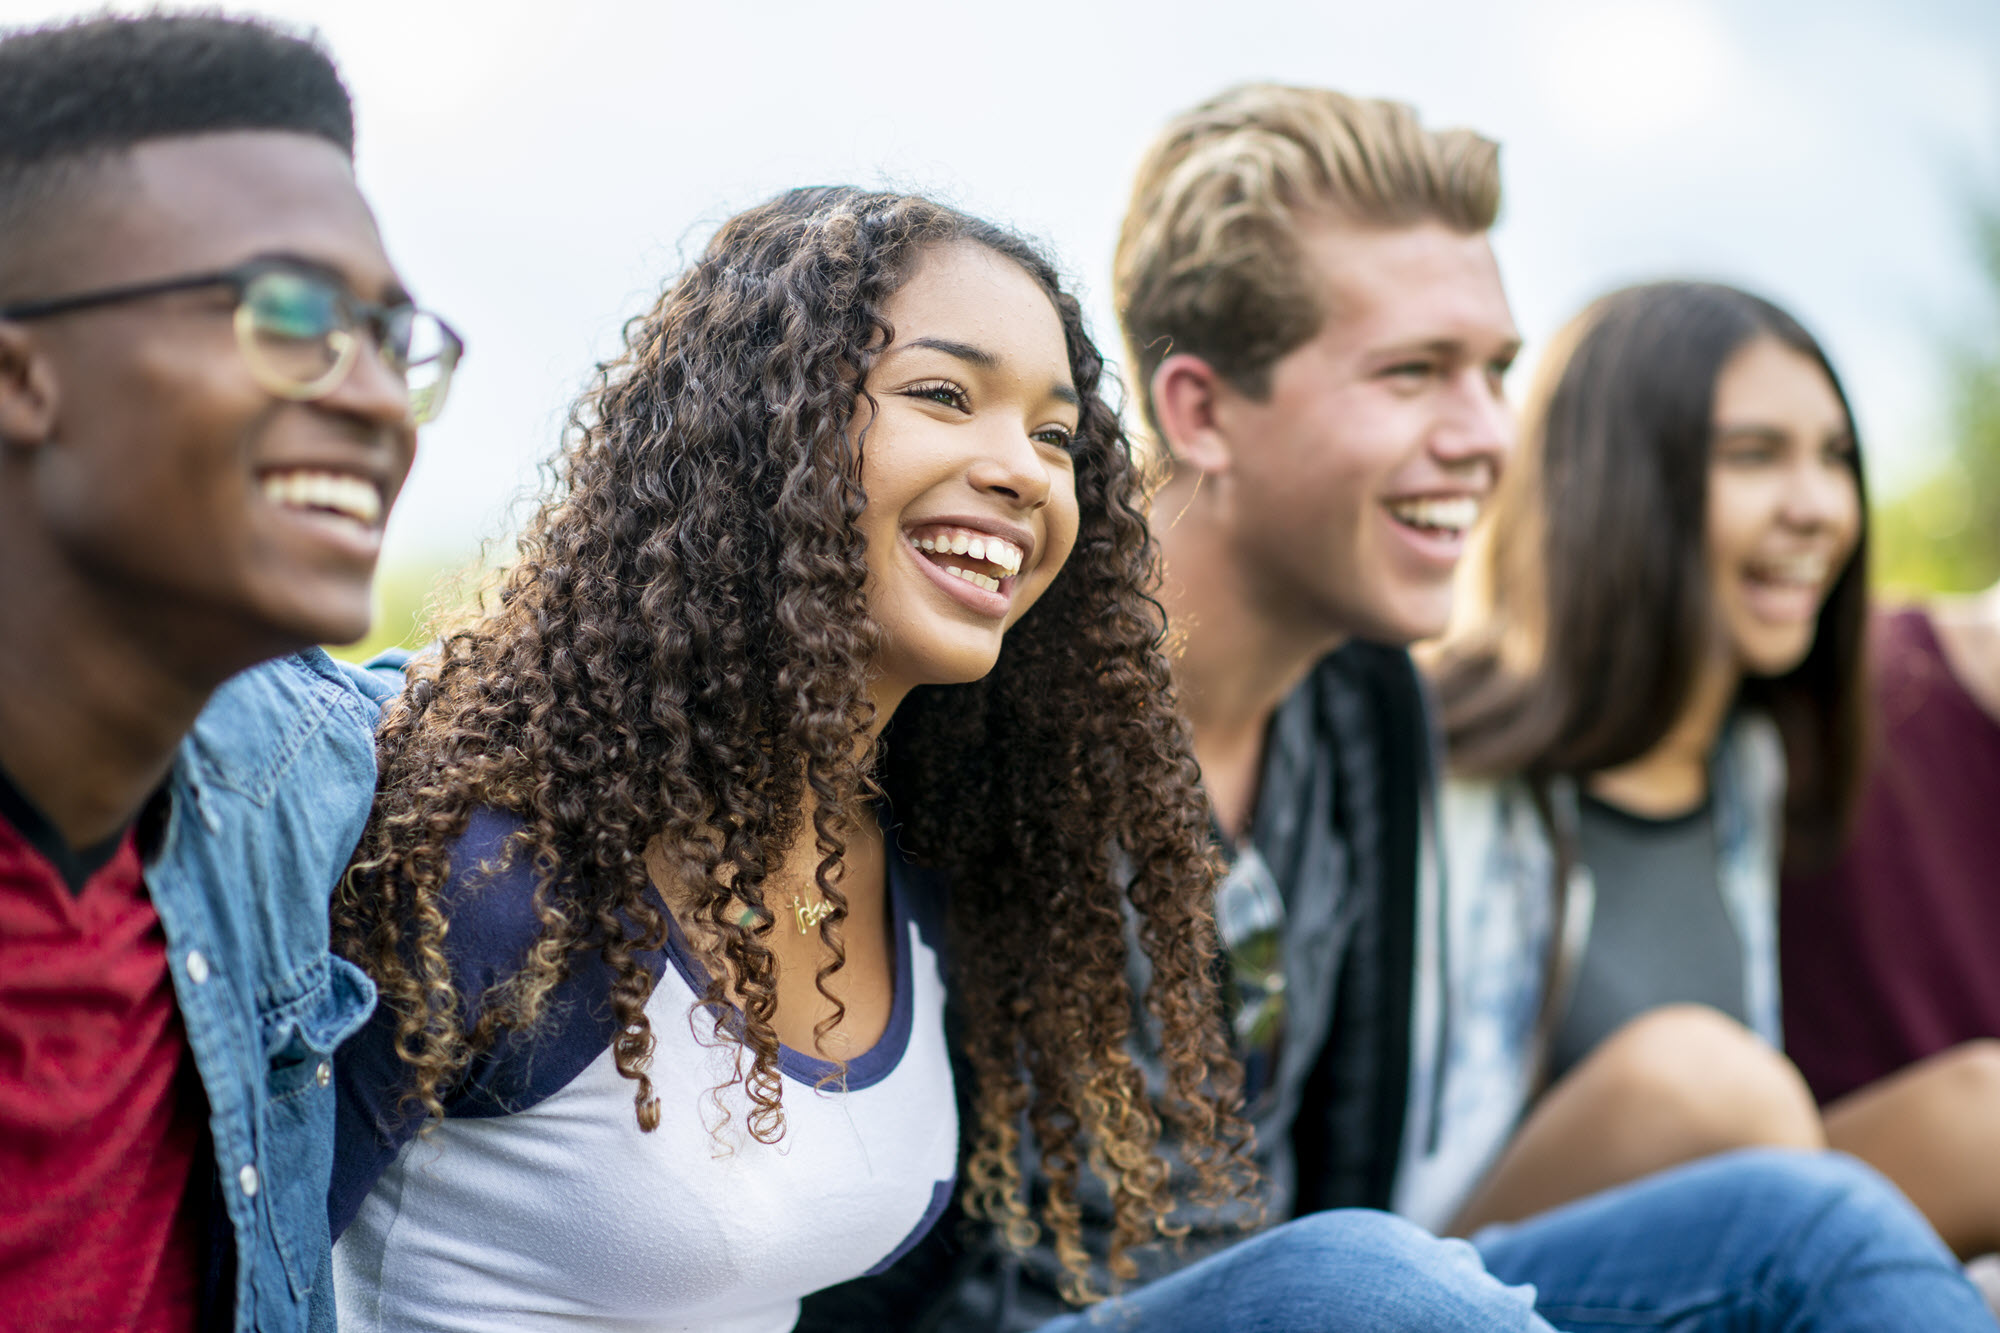 estudiantes sonriente